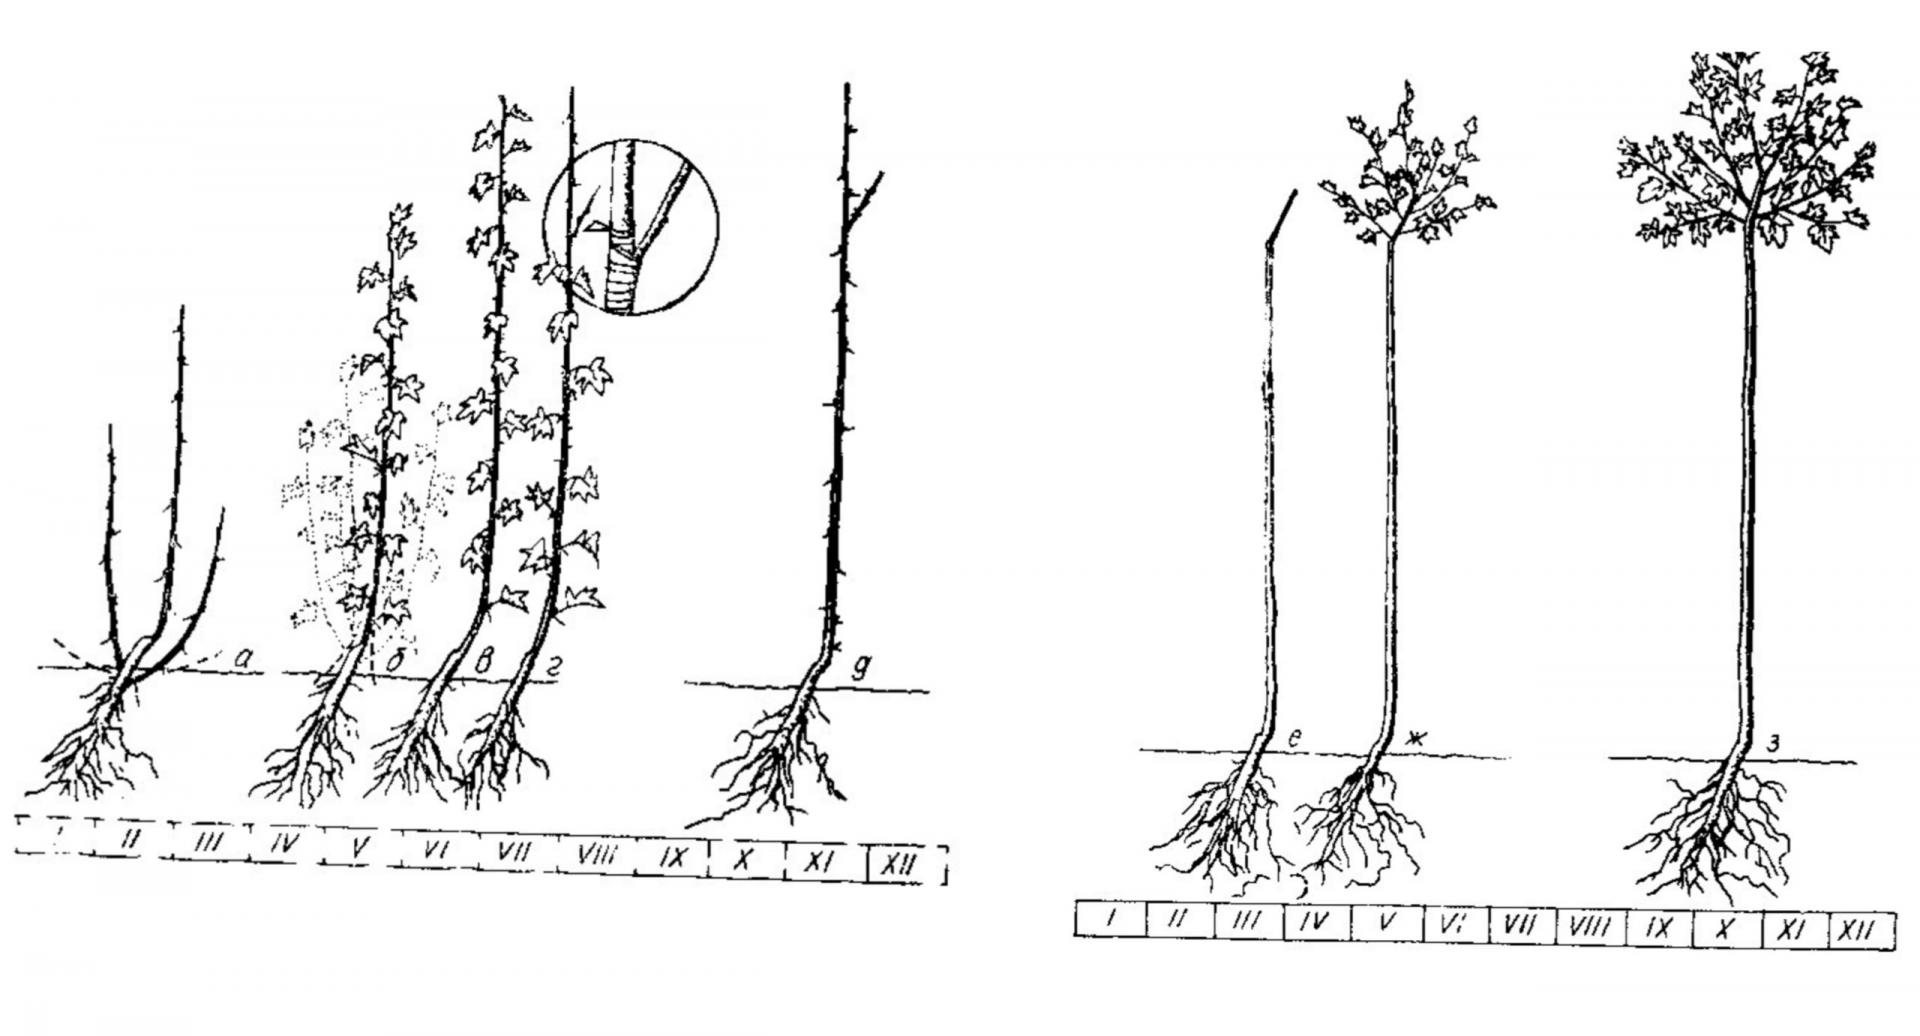 Как проводить обрезку крыжовника весной, осенью и зимой?